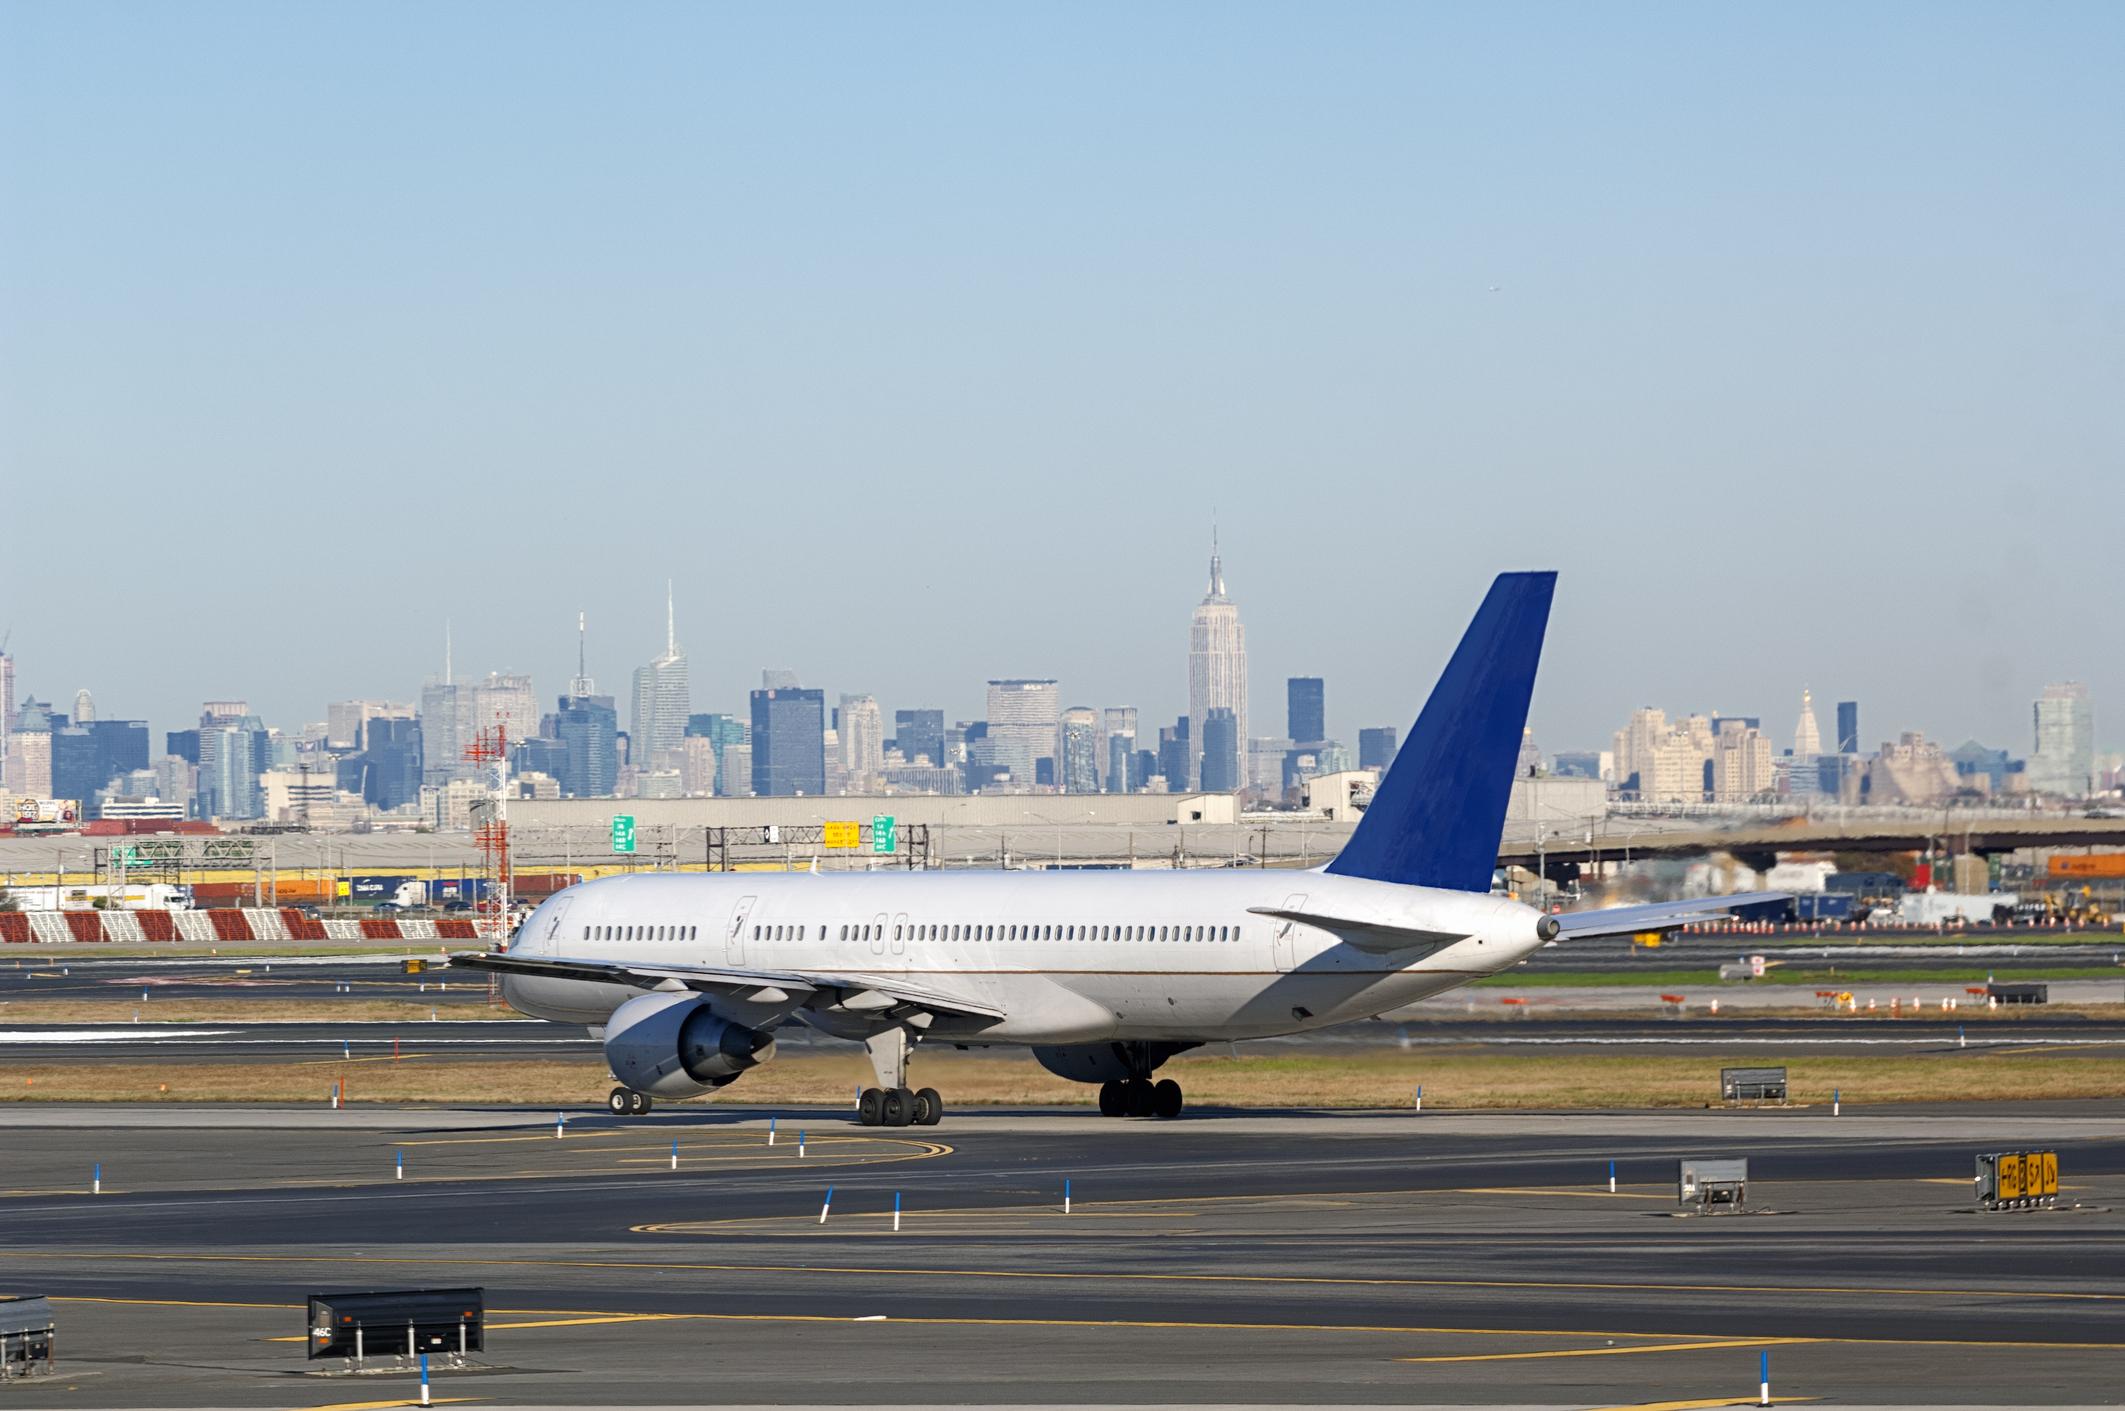 Aeroporto Ewr : AmÉrica latina aeropuertos aeroportos page skyscrapercity